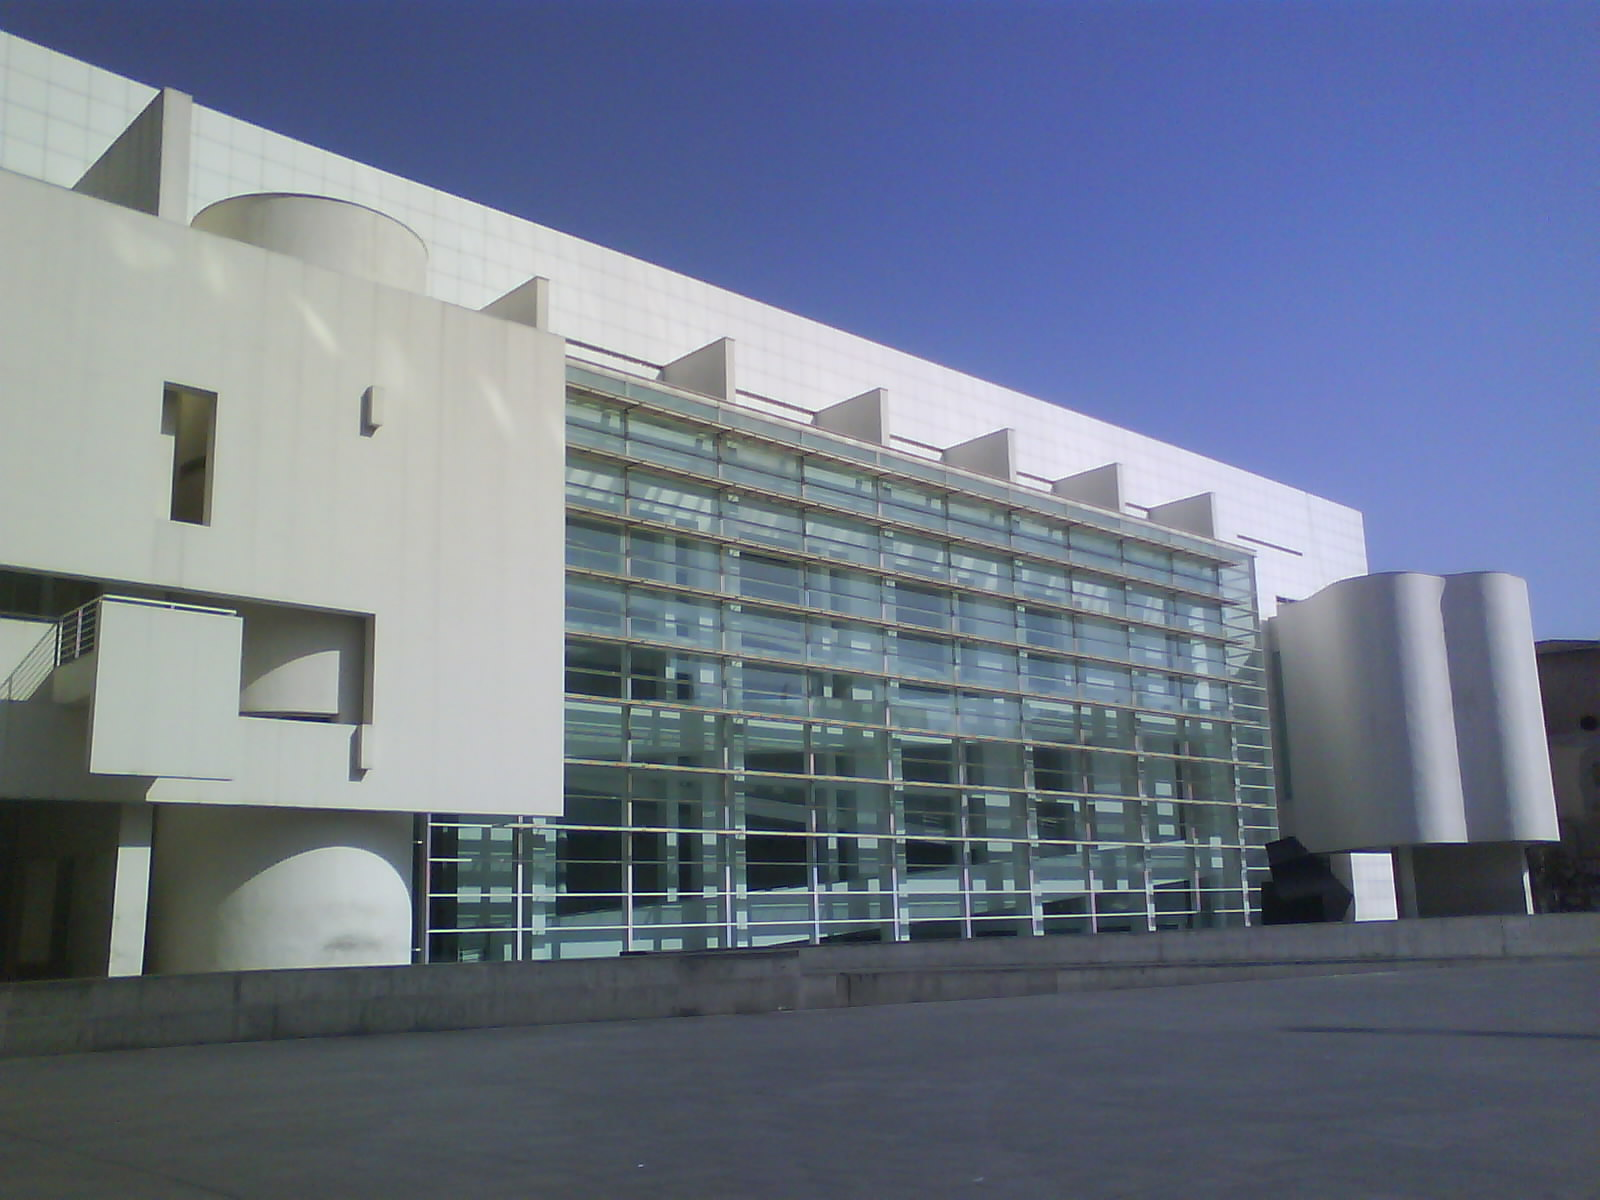 MACBA_2011